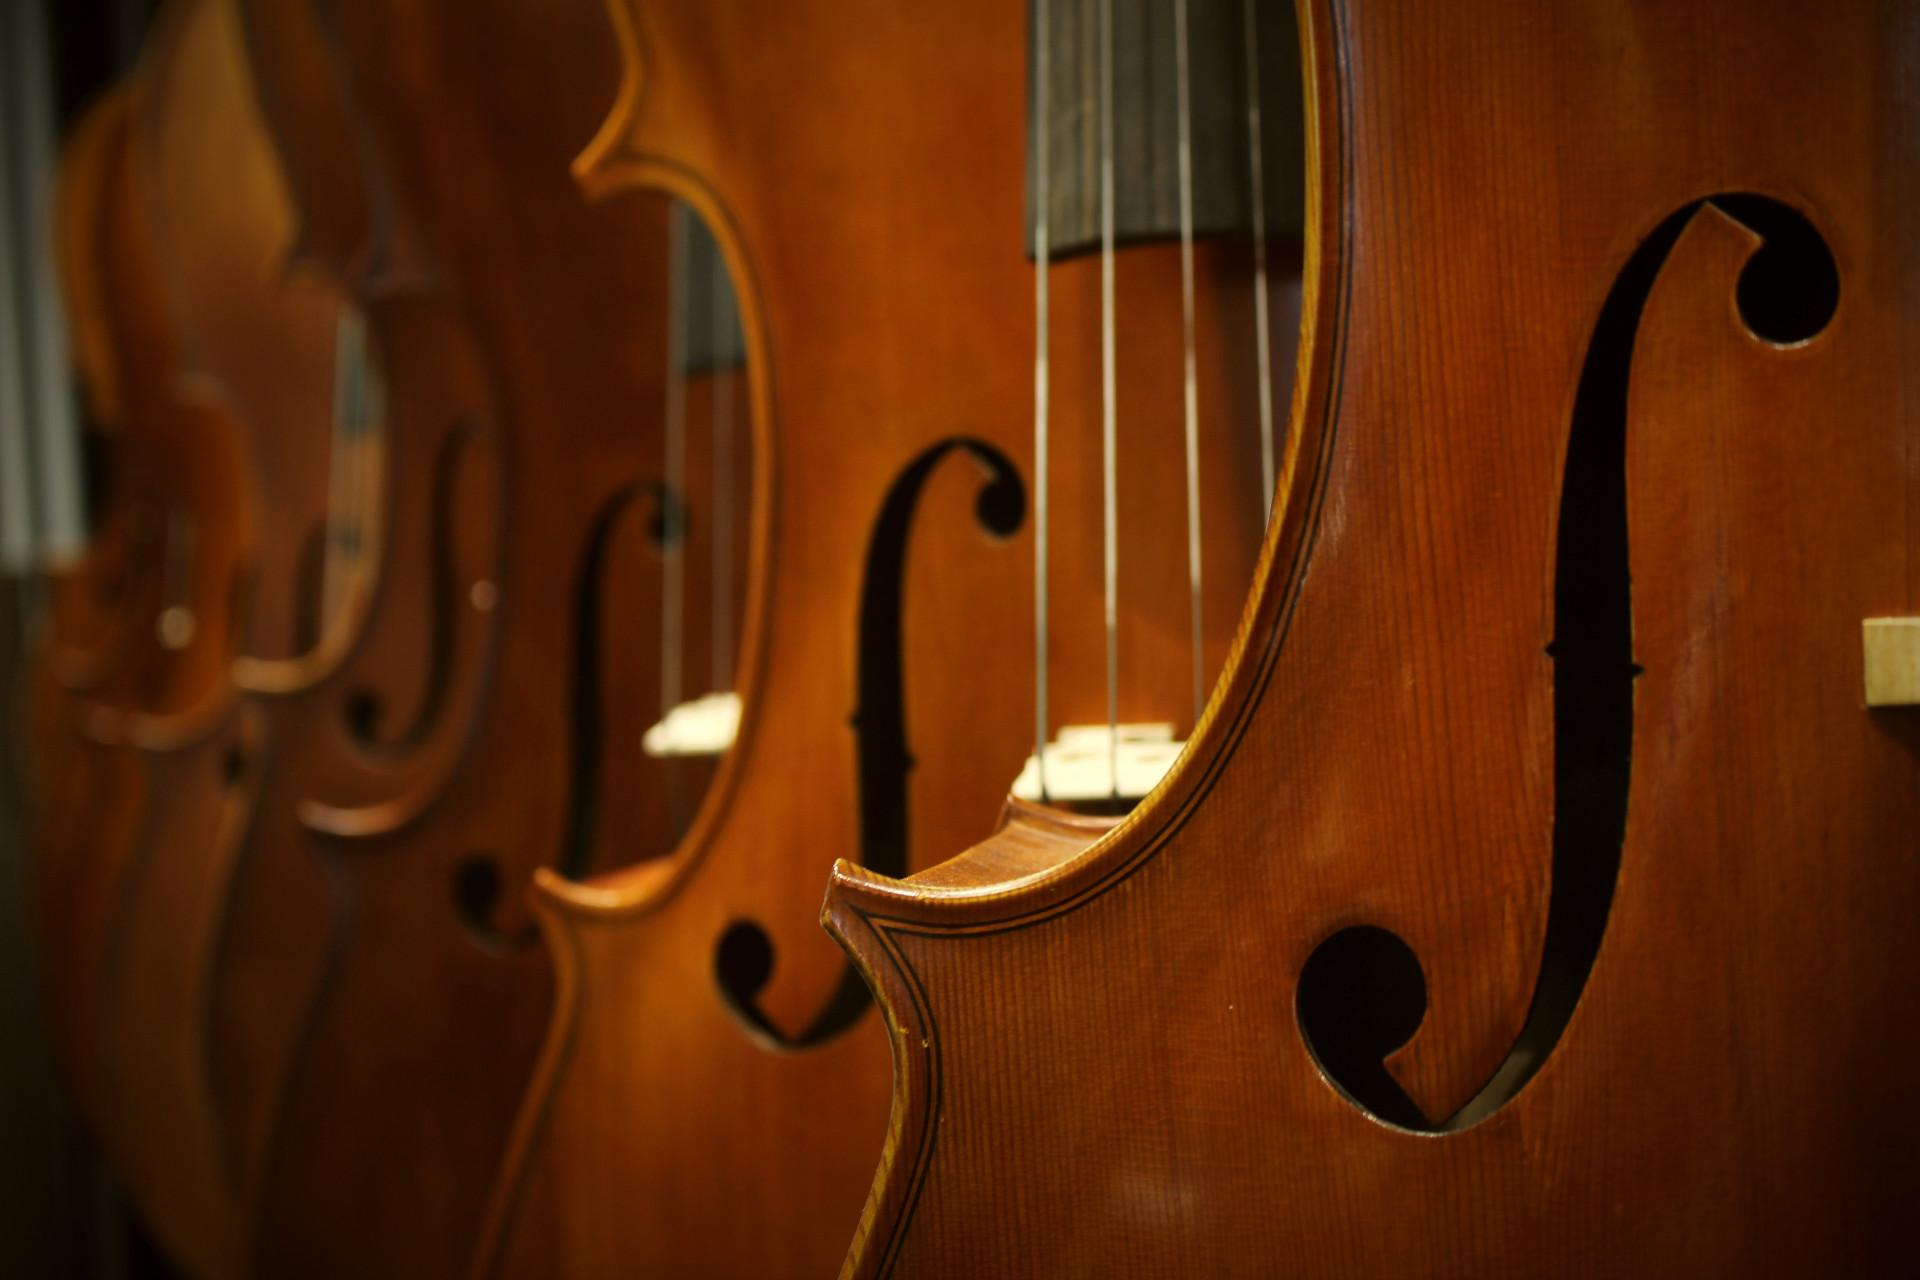 TAPAHTUMA PERUTTU: Valkeakosken musiikkiopiston Kamarijouset